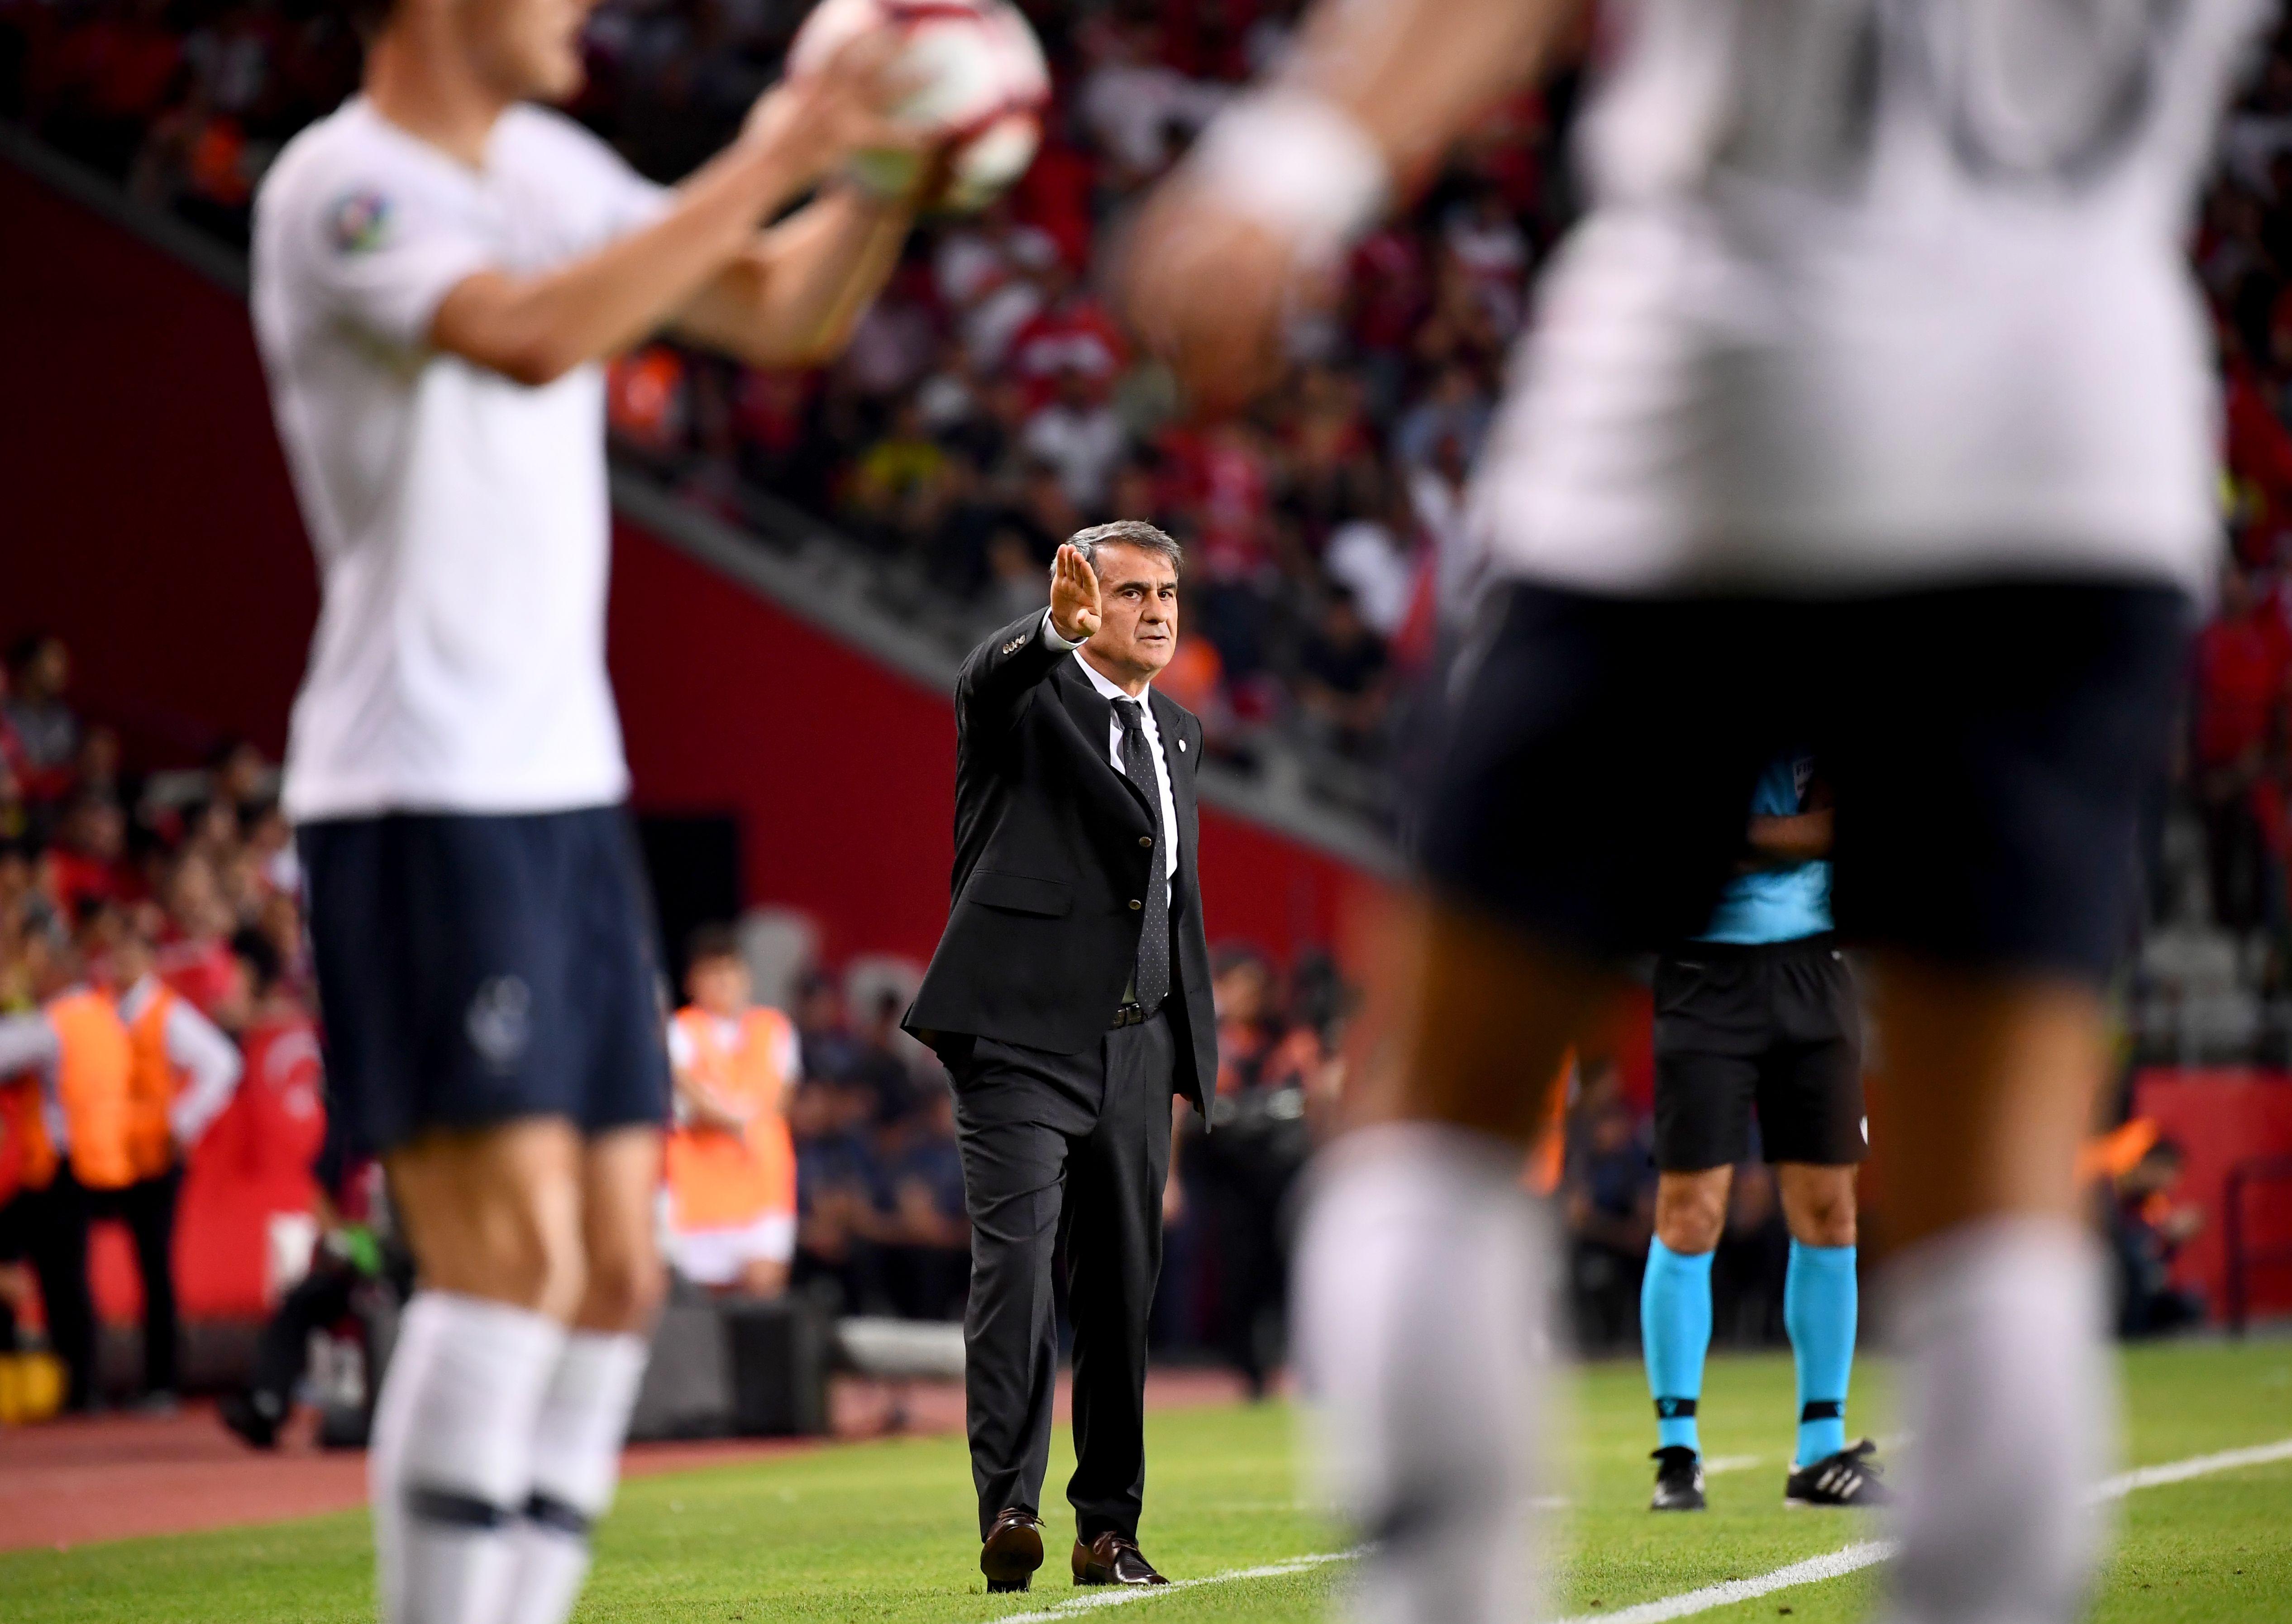 Senol Gunes Turkey France UEFA European Qualifications 06/08/19